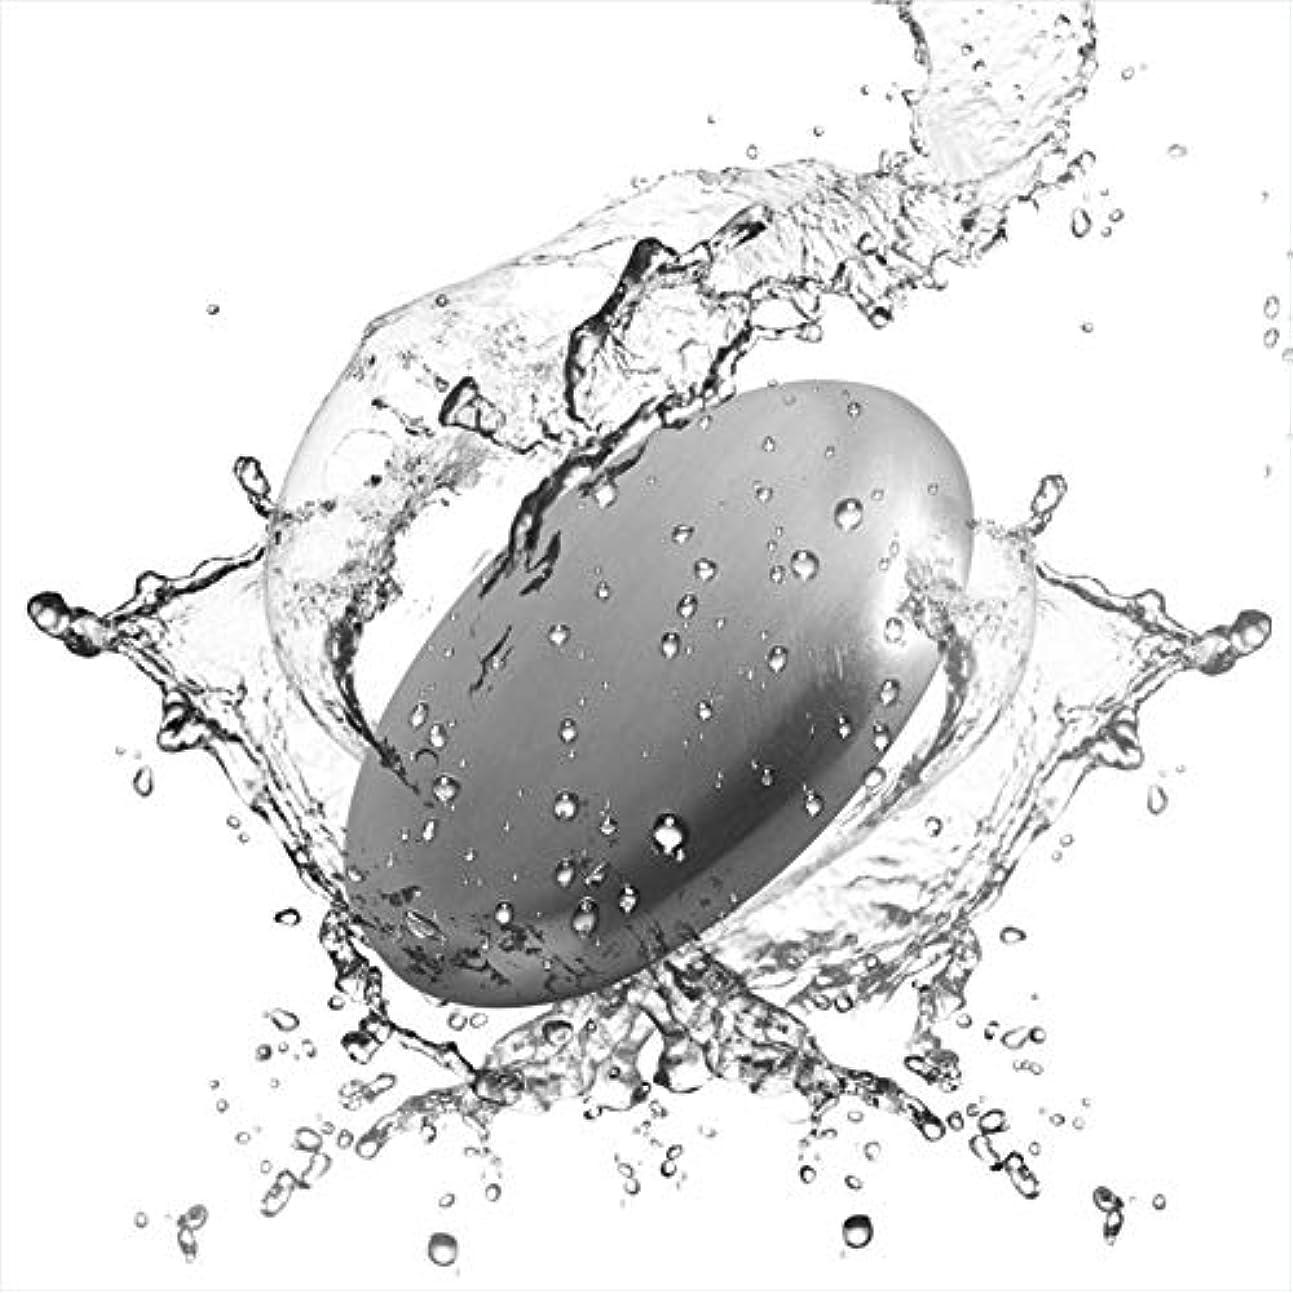 融合午後住所Refoiner ステンレス製品 ソープ 実用的な台所用具 石鹸 魚臭 玉ねぎやニンニク 異臭を取り除く 2個